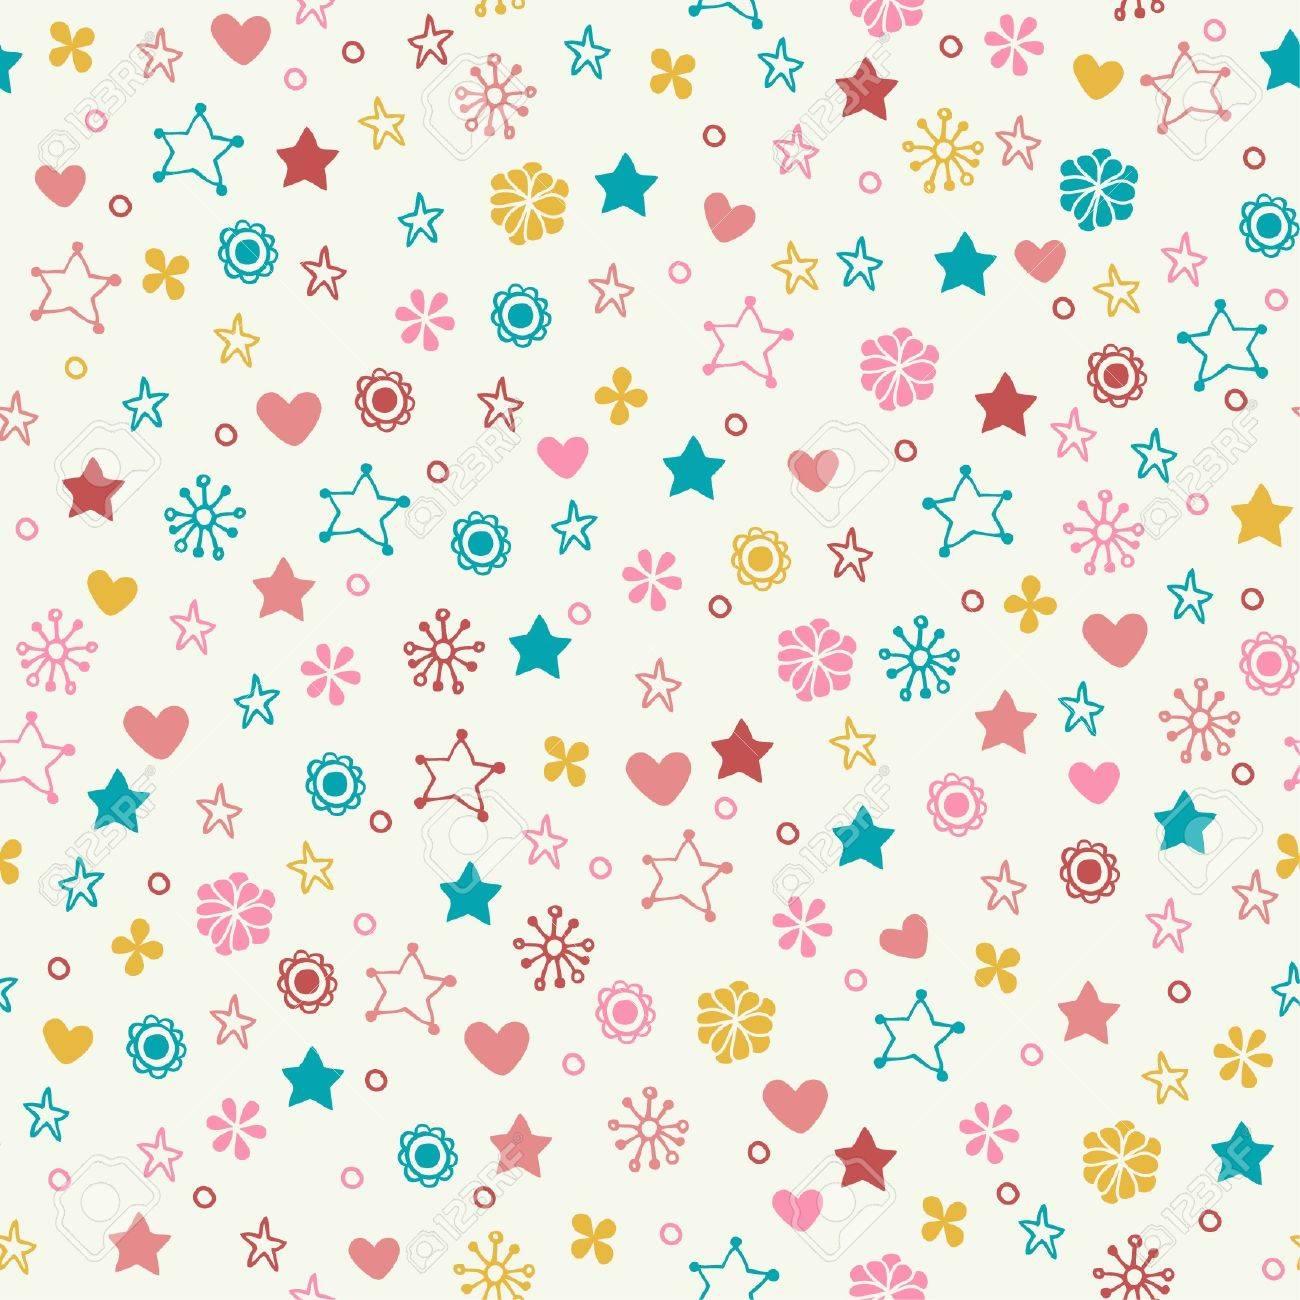 Modelo Del Doodle Transparente Con Flores De Colores Estrellas